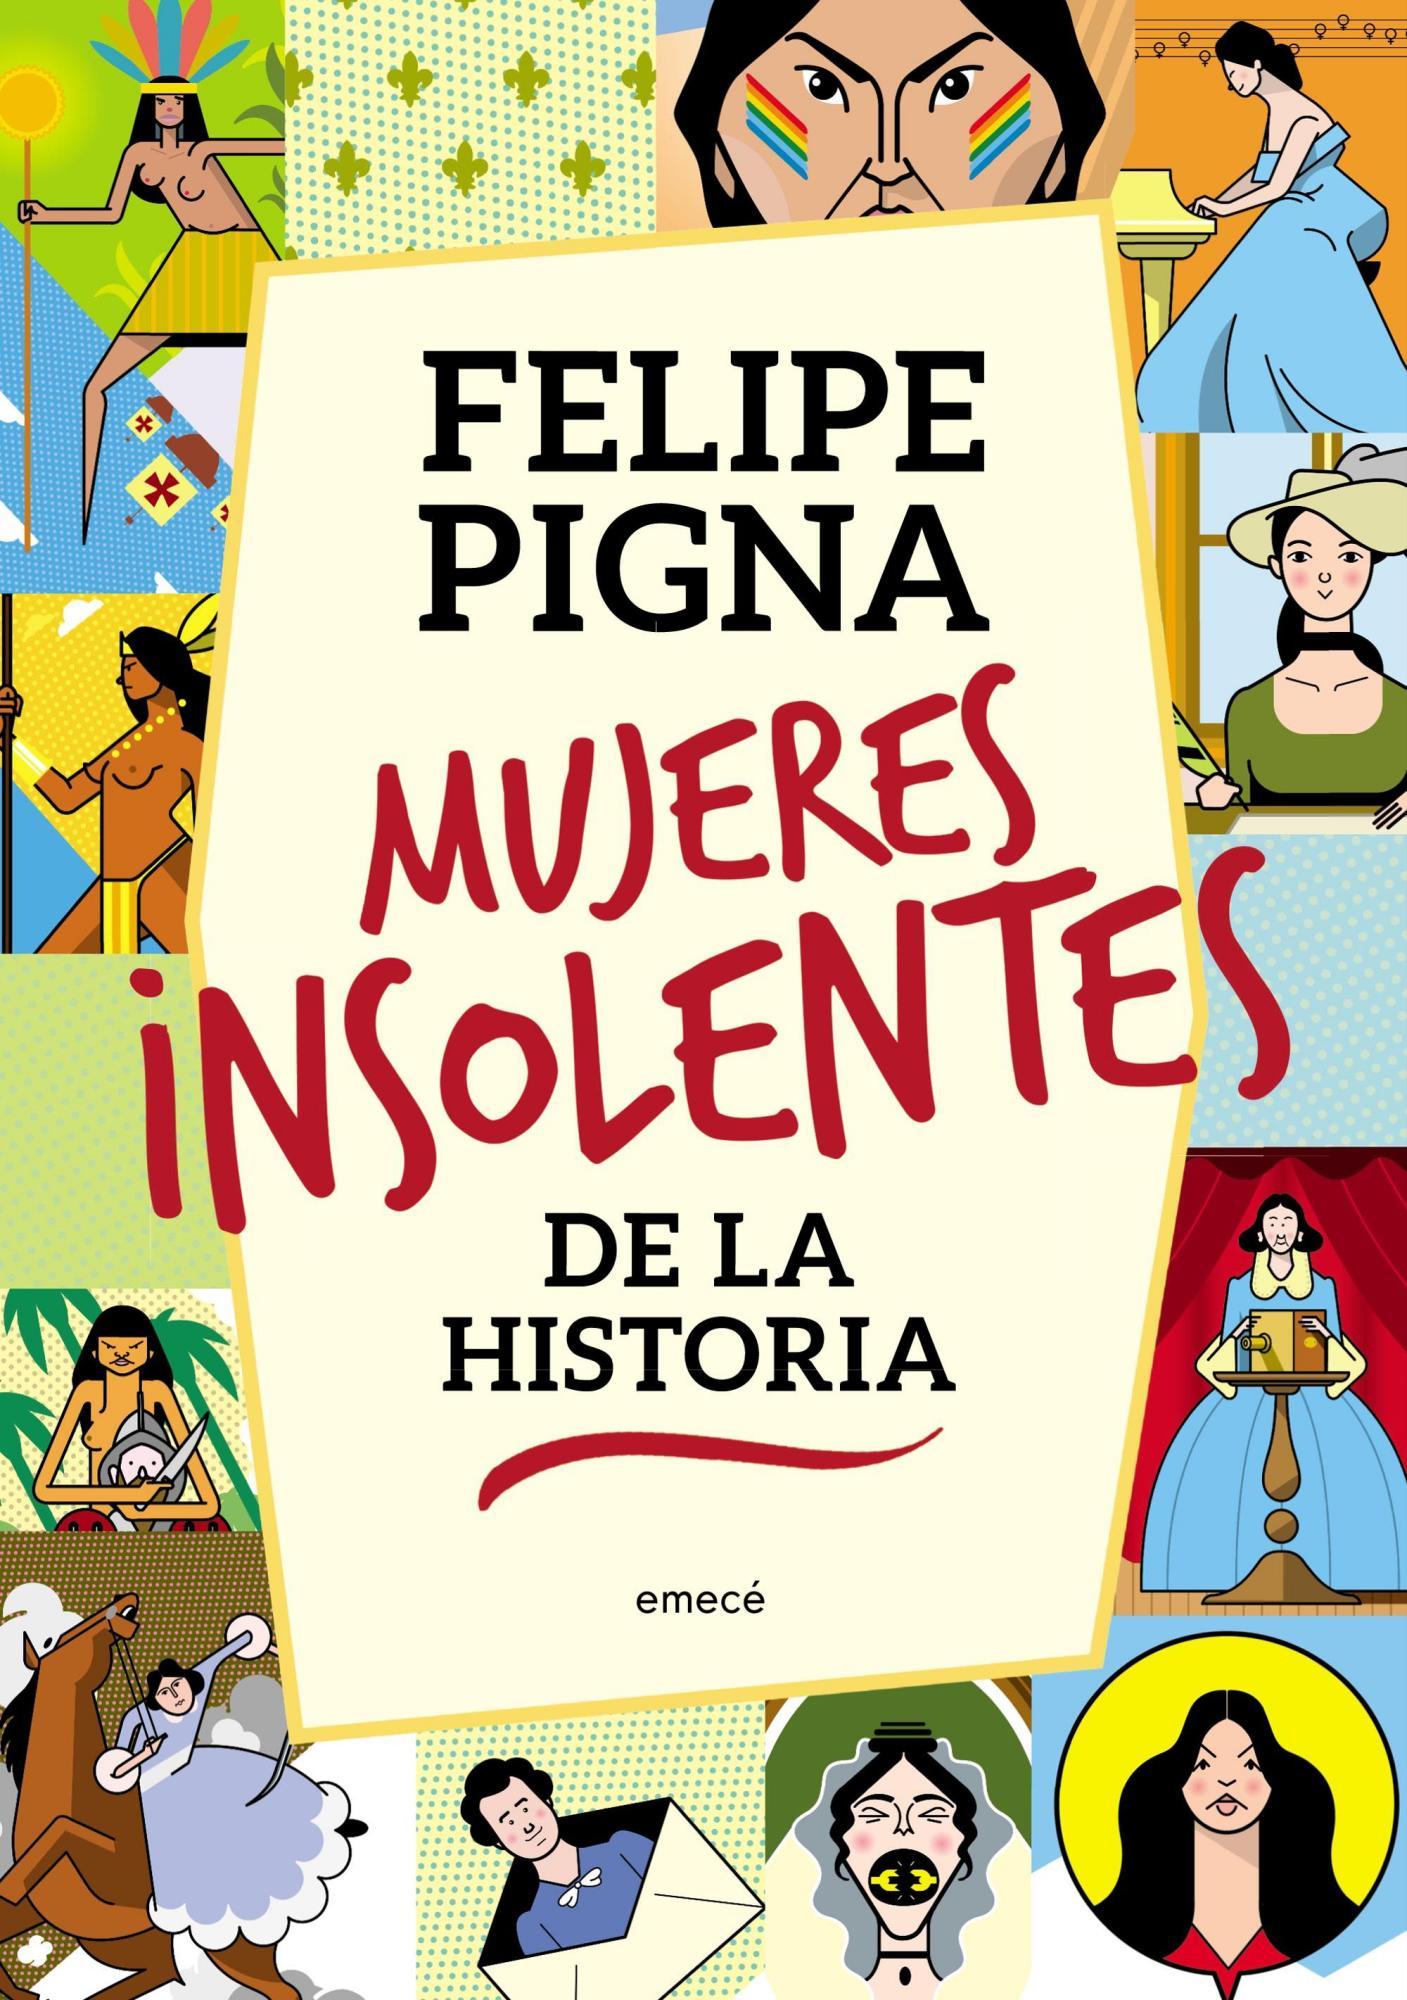 Felipe Pigna Habla De Las Mujeres Insolentes De La Historia